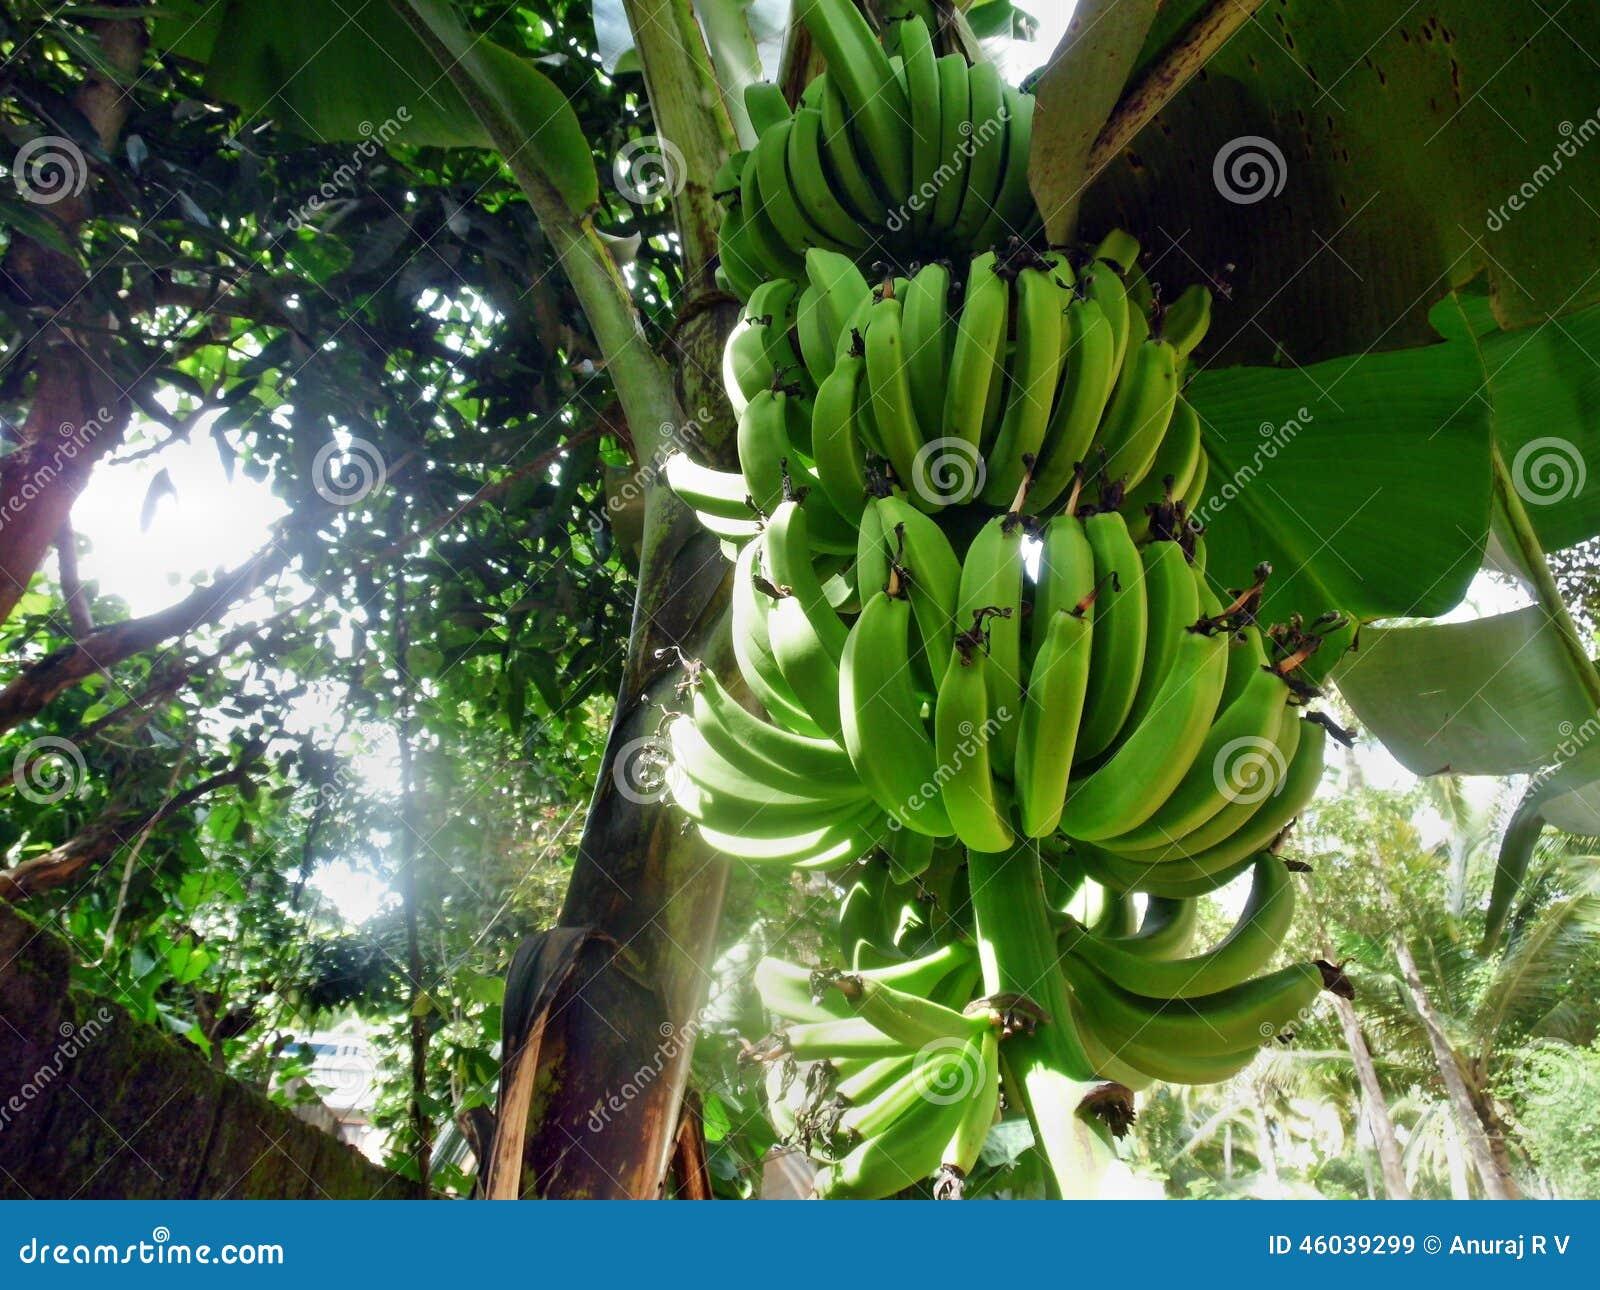 bananenbaum mit frucht stockbild bild von masse ernte 46039299. Black Bedroom Furniture Sets. Home Design Ideas